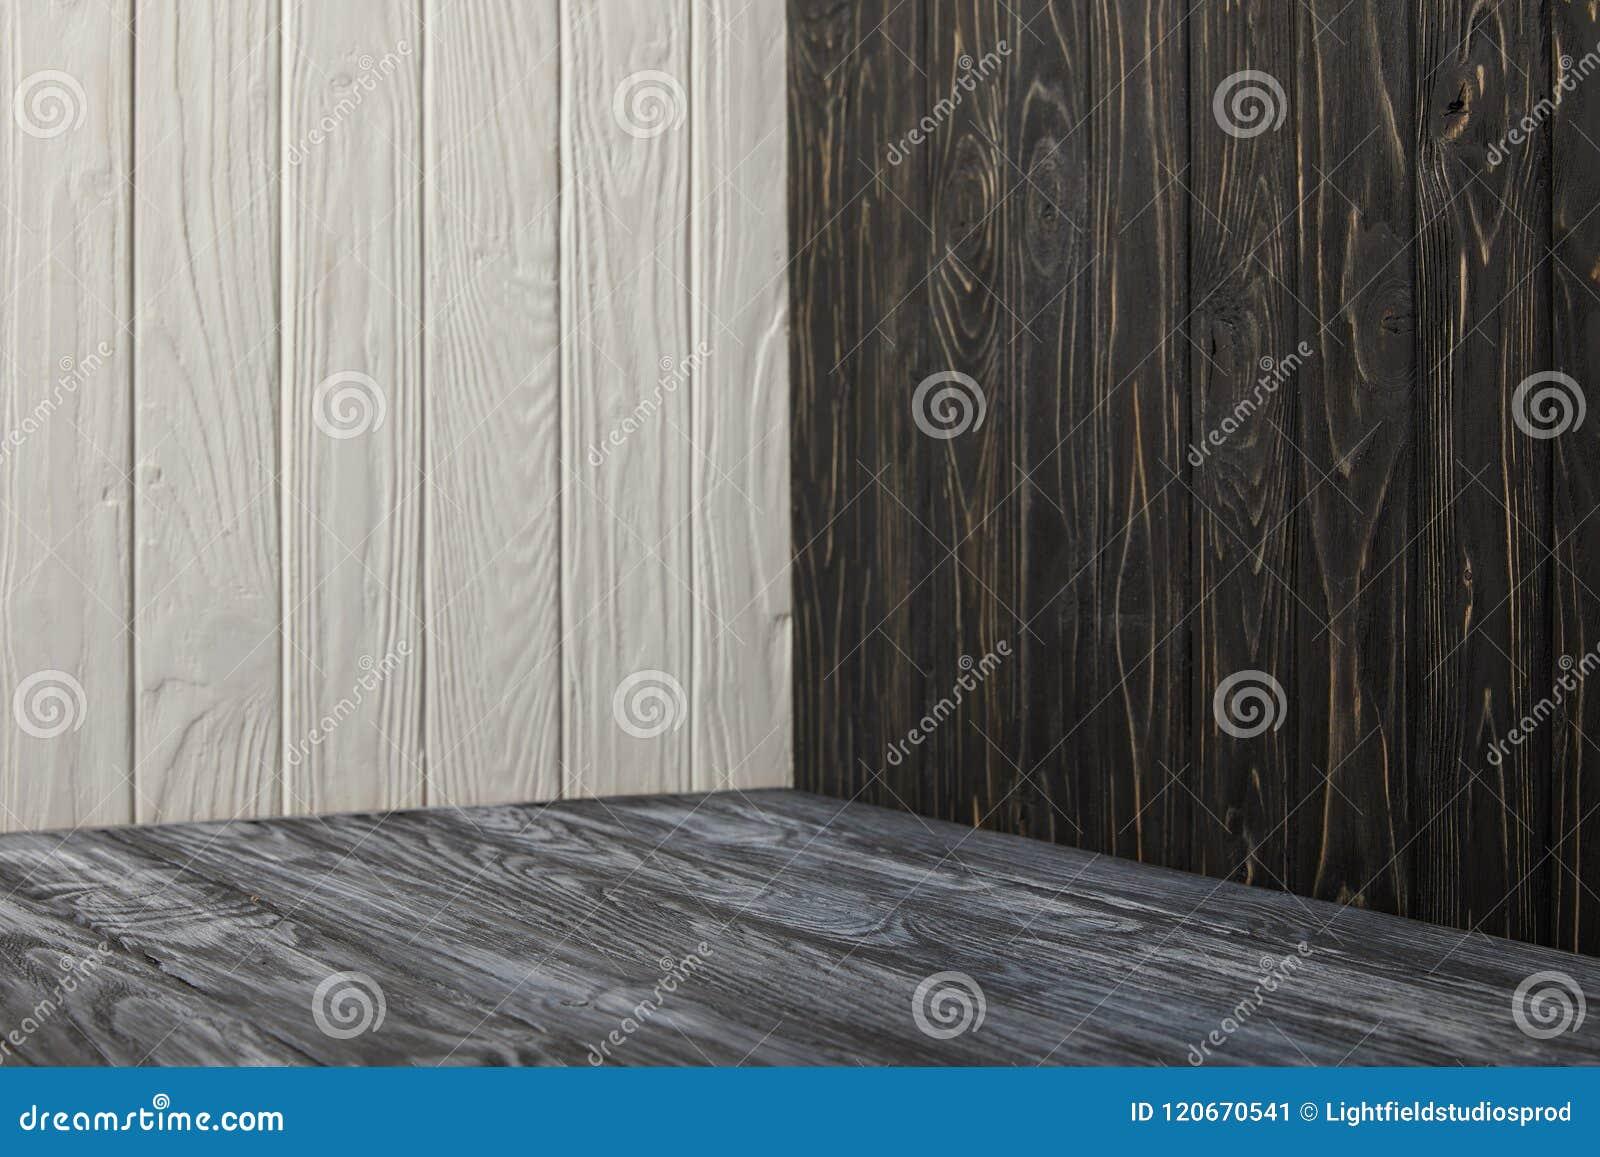 Houten Vloer Grijs : Grijze houten vloer stock afbeelding afbeelding bestaande uit